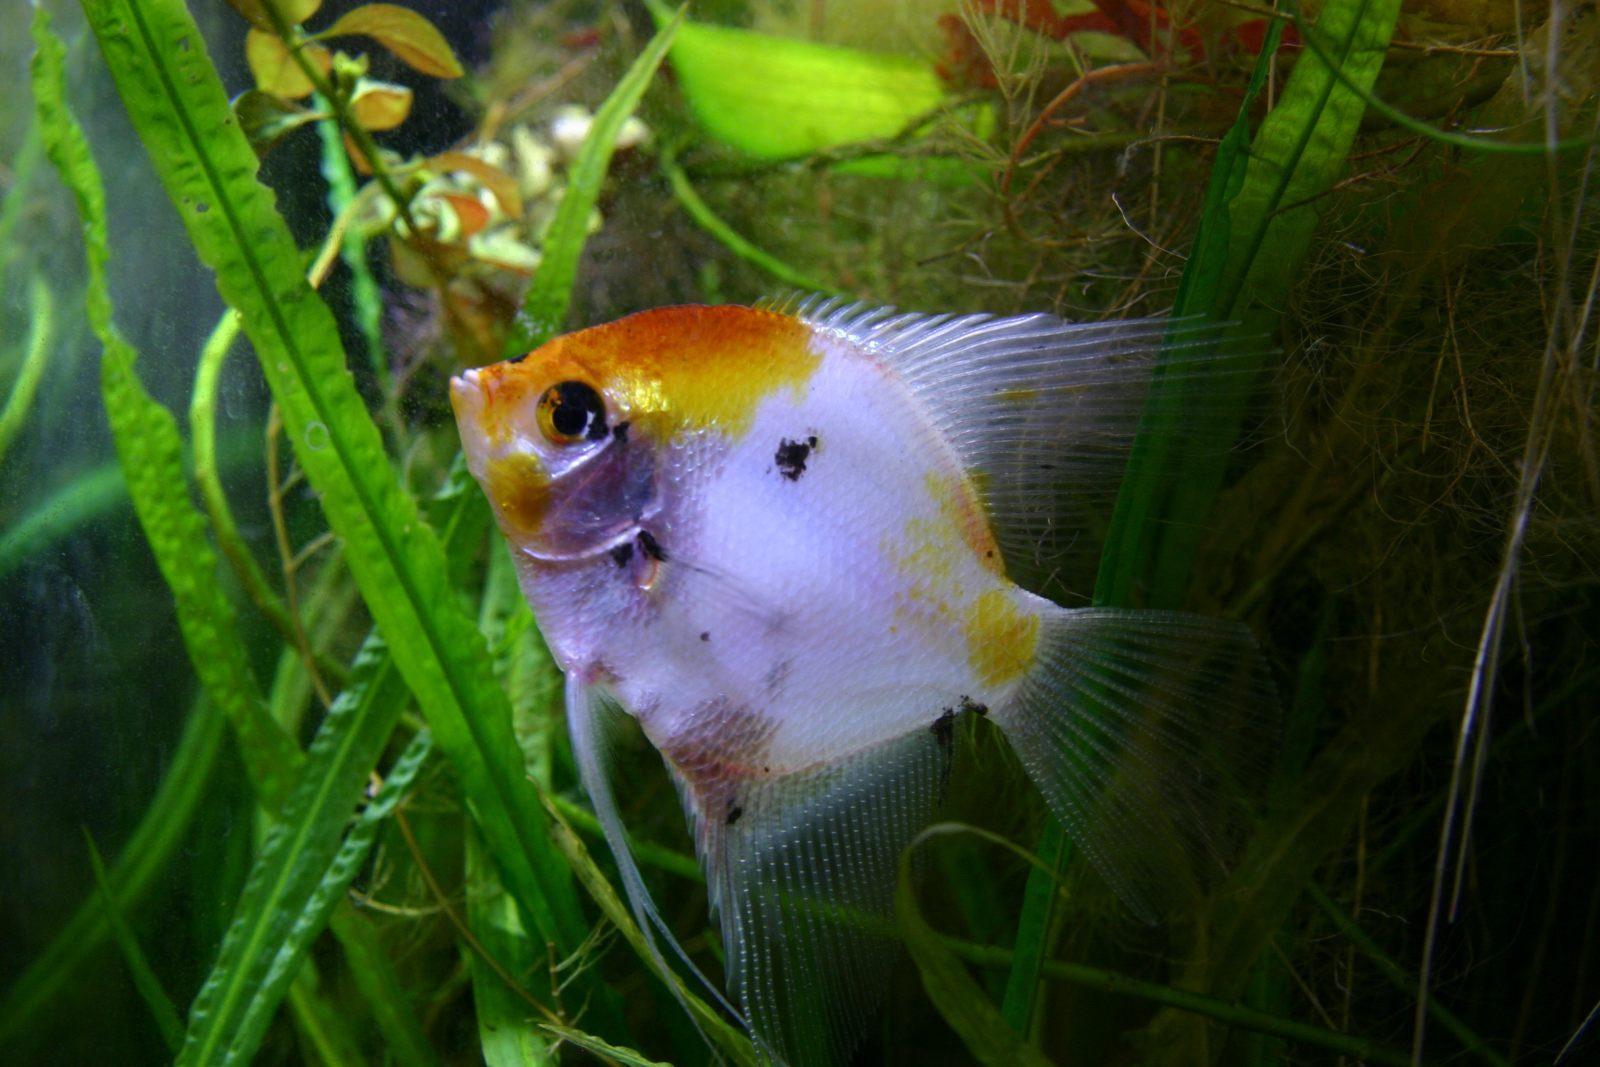 Peque o pez escalar im genes y fotos for Pez escalar enfermedades